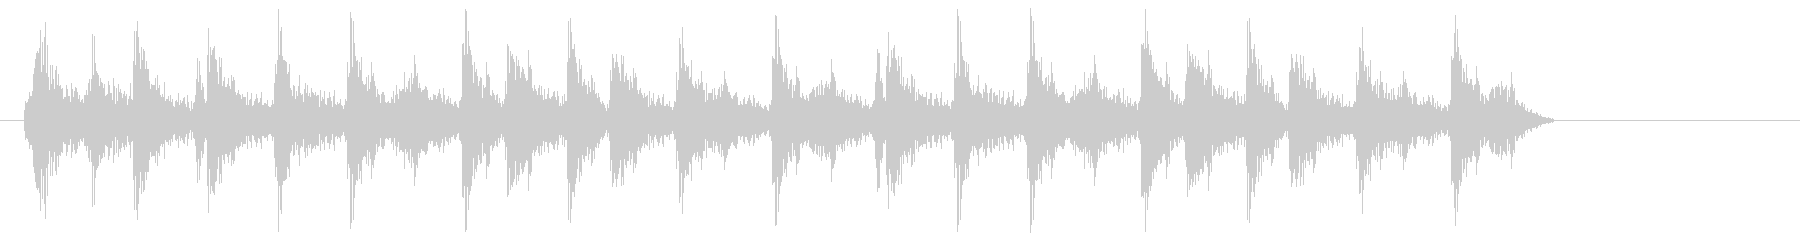 ジリリリリ(ゼンマイのねじを巻く音04)の未再生の波形